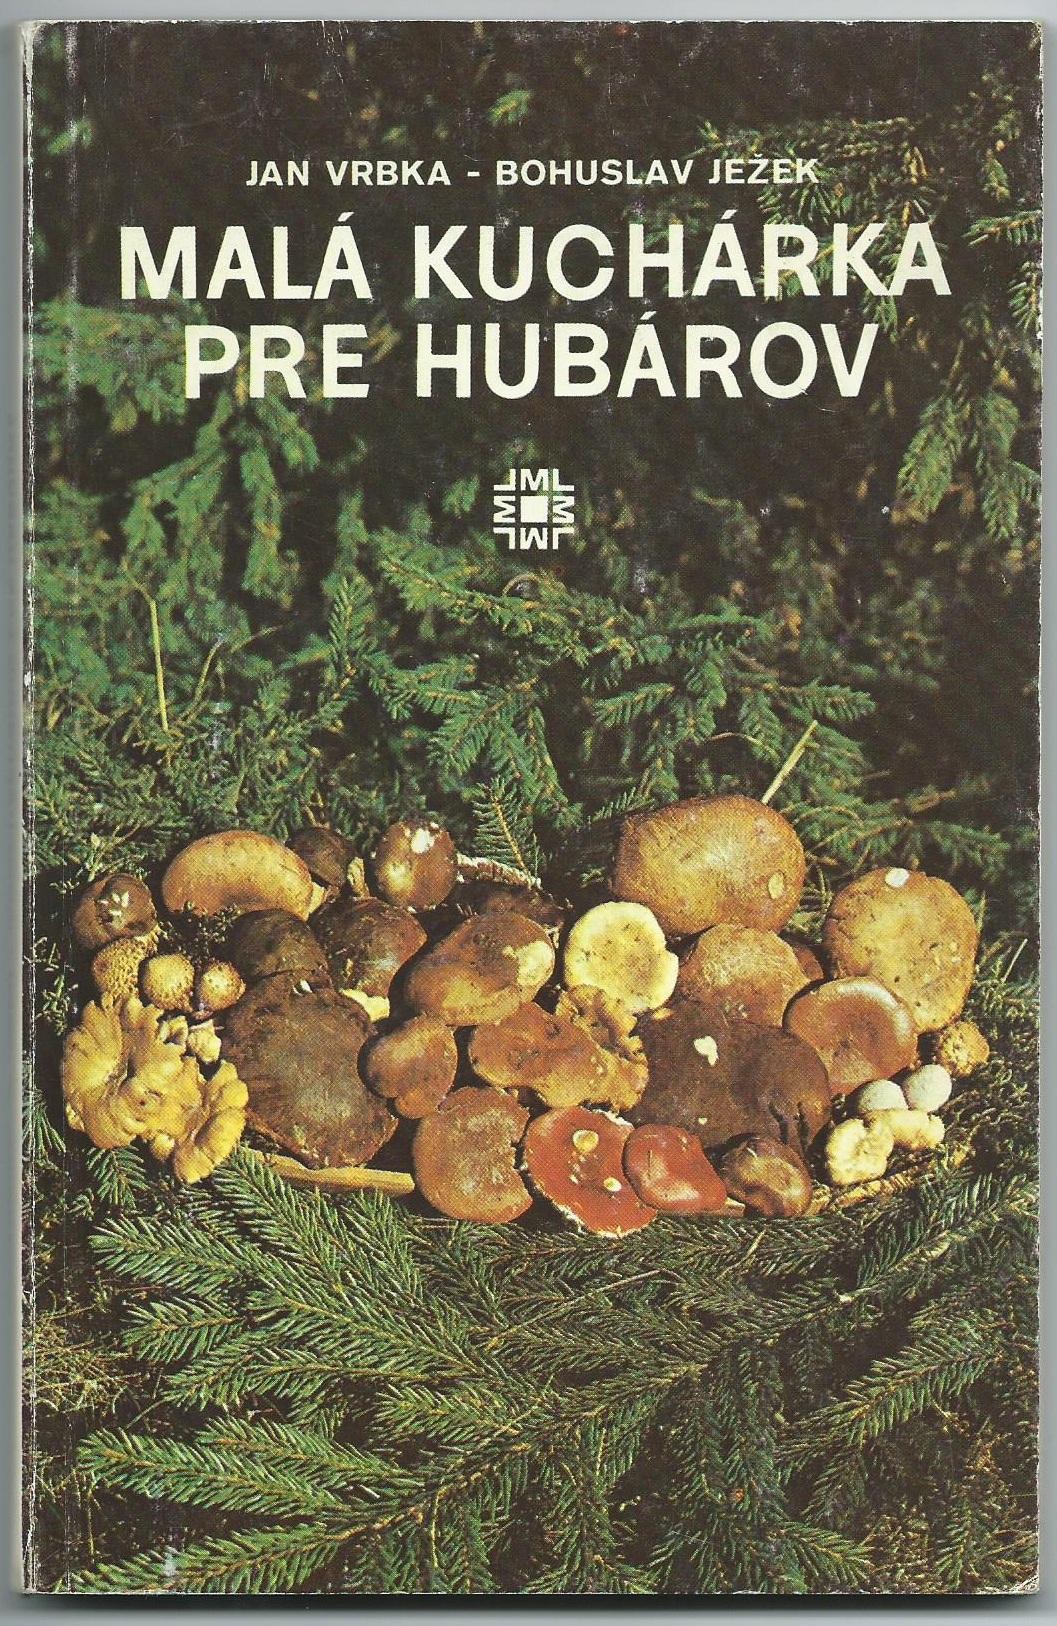 Malá kuchárka pre hubárov - J. Vrbka, B. Ježek (slovensky)